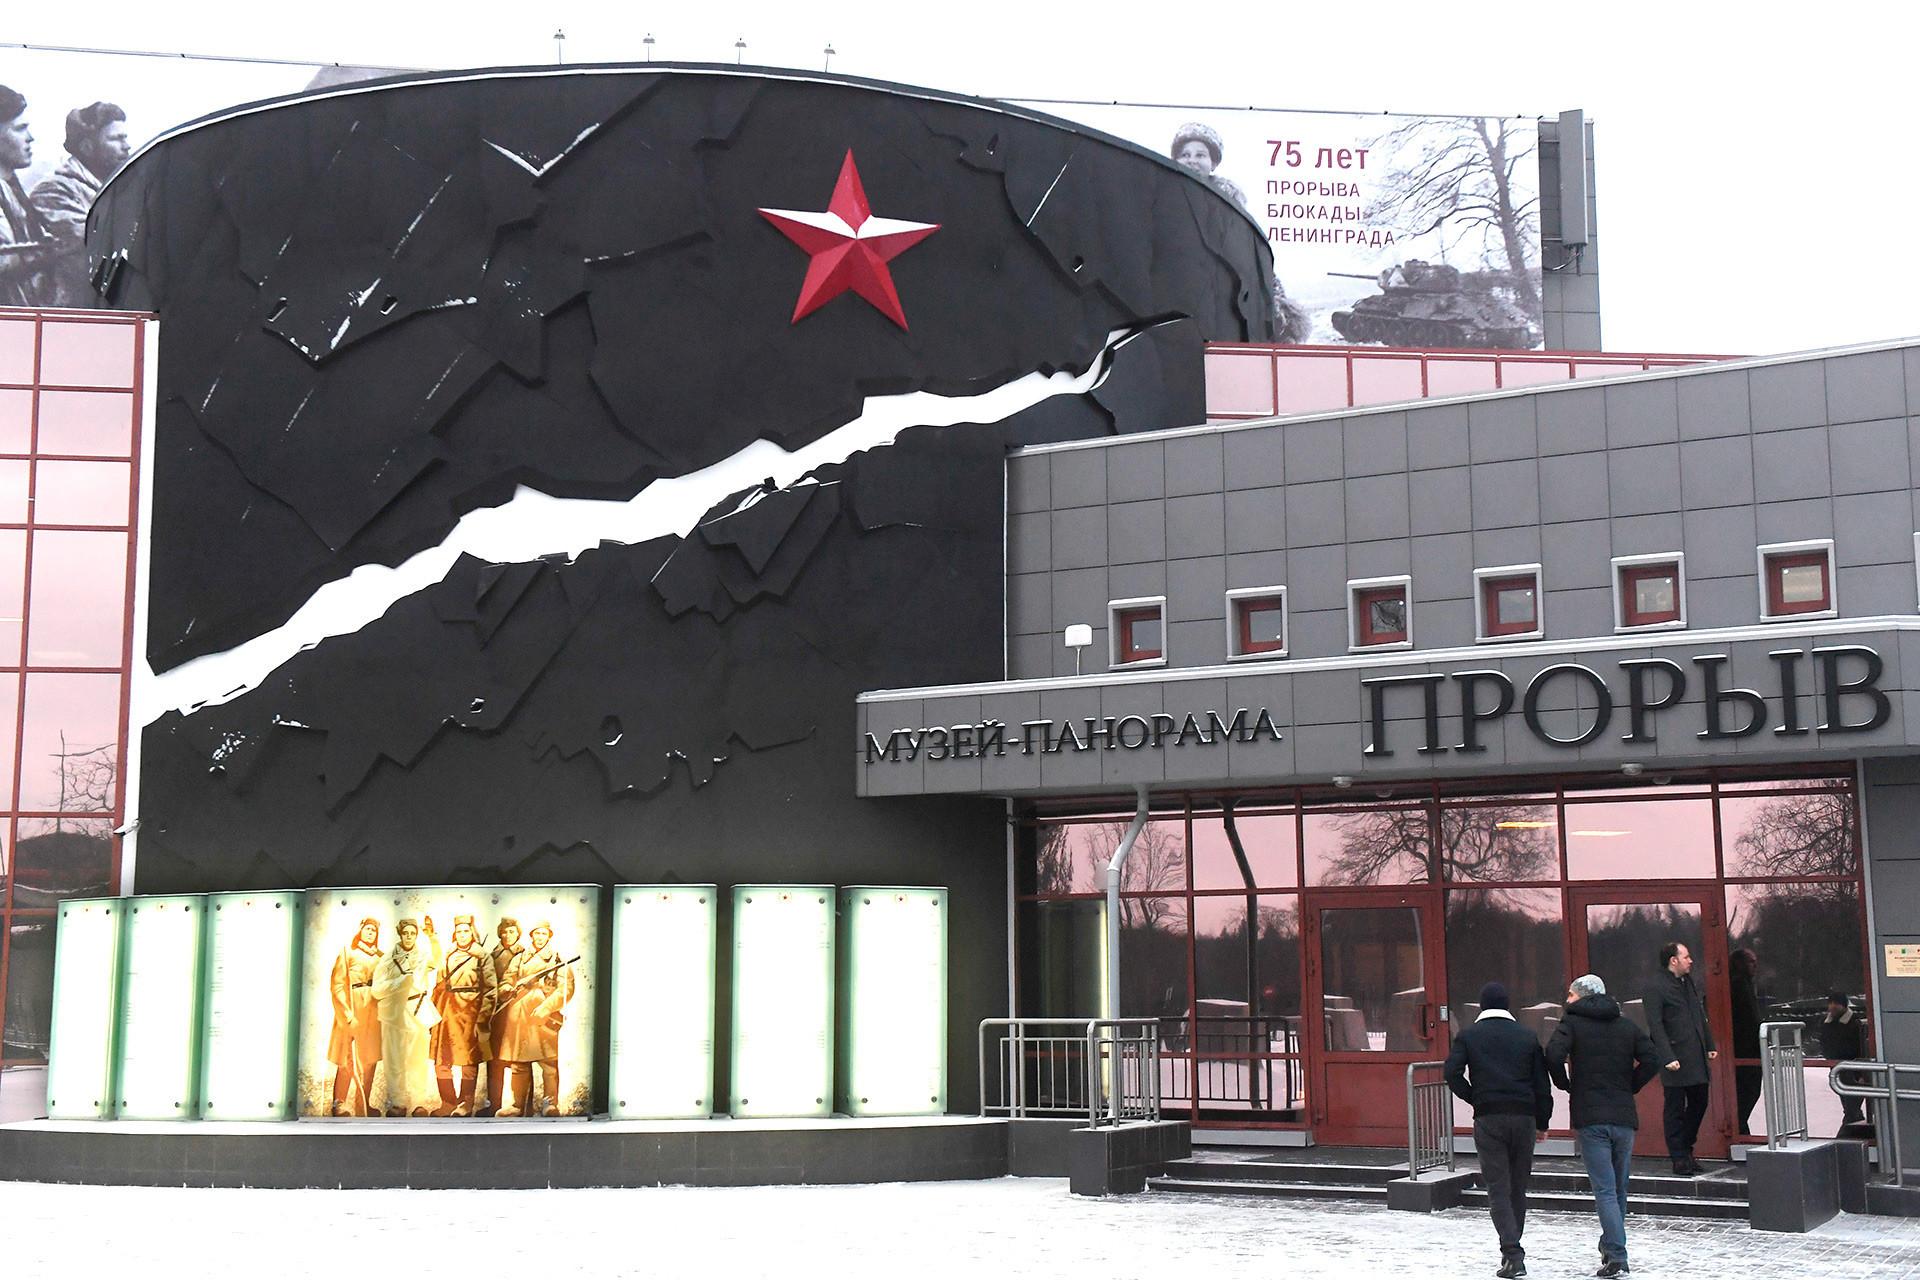 Napad rekonstruiran u muzeju izvršen je drugog dana opracije